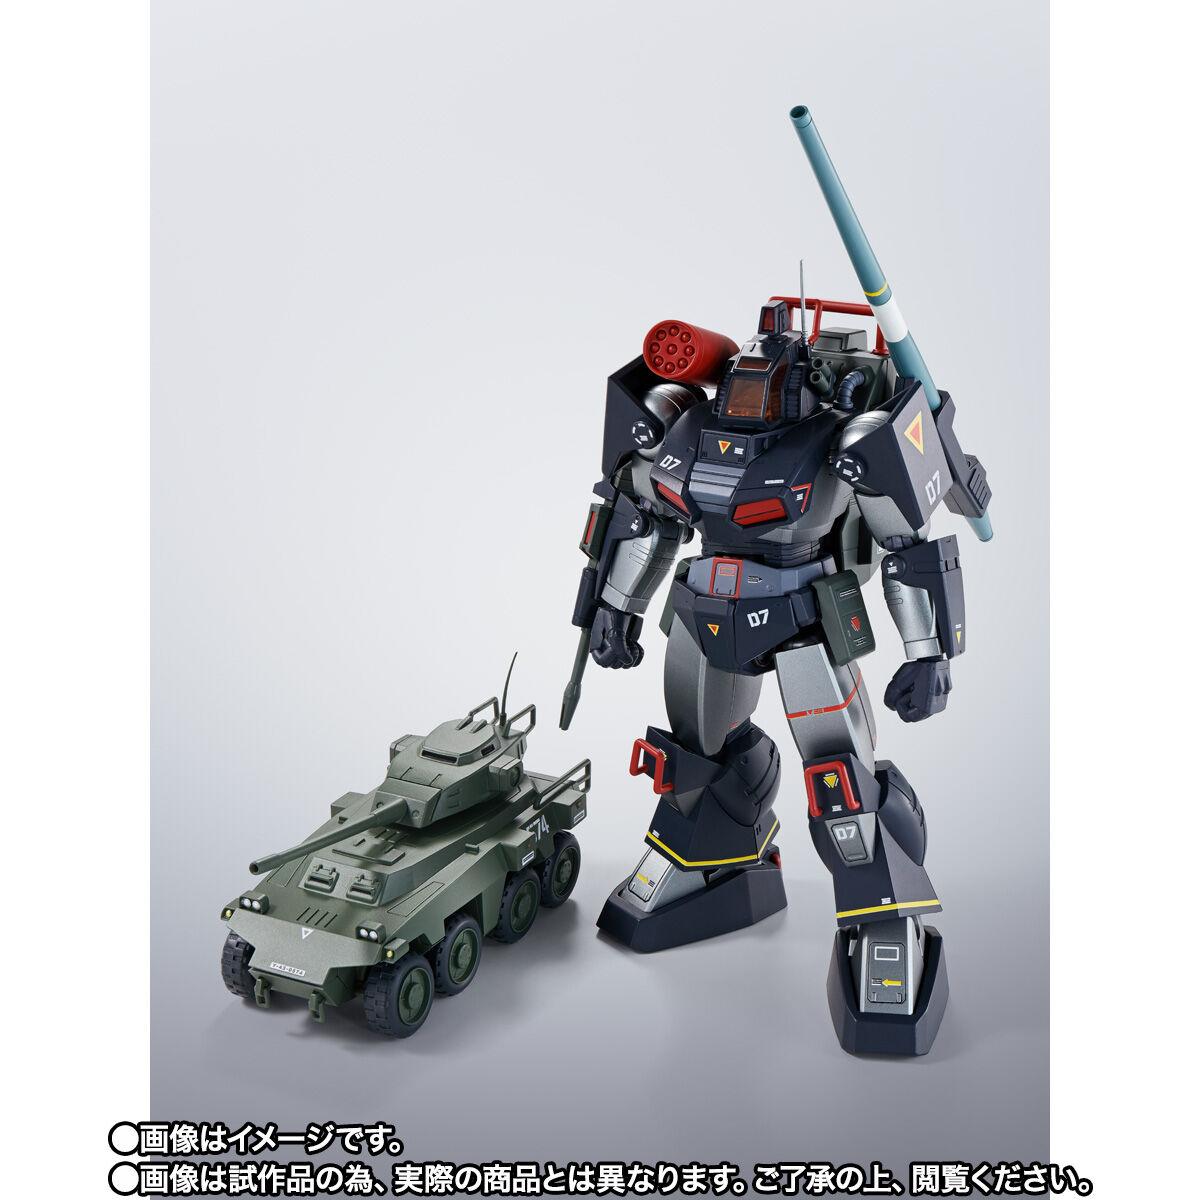 【限定販売】HI-METAL R『ダグラム & インステッド 40th Anniv.』太陽の牙ダグラム 可動フィギュア-006